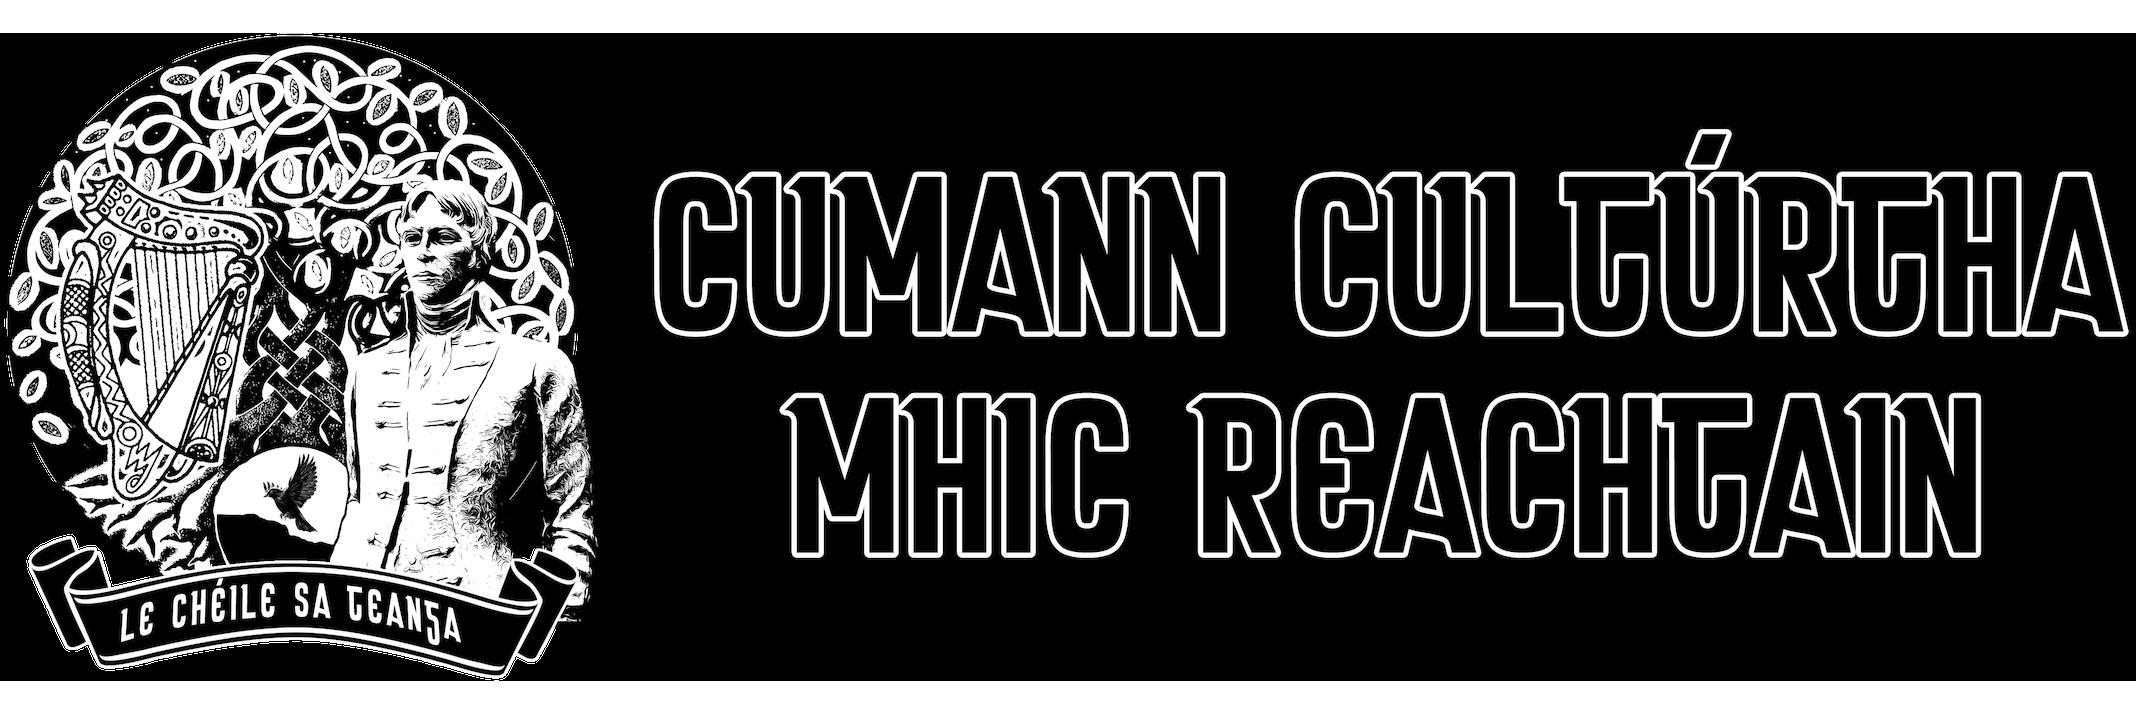 Cumann Cultúrtha Mhic Reachtain